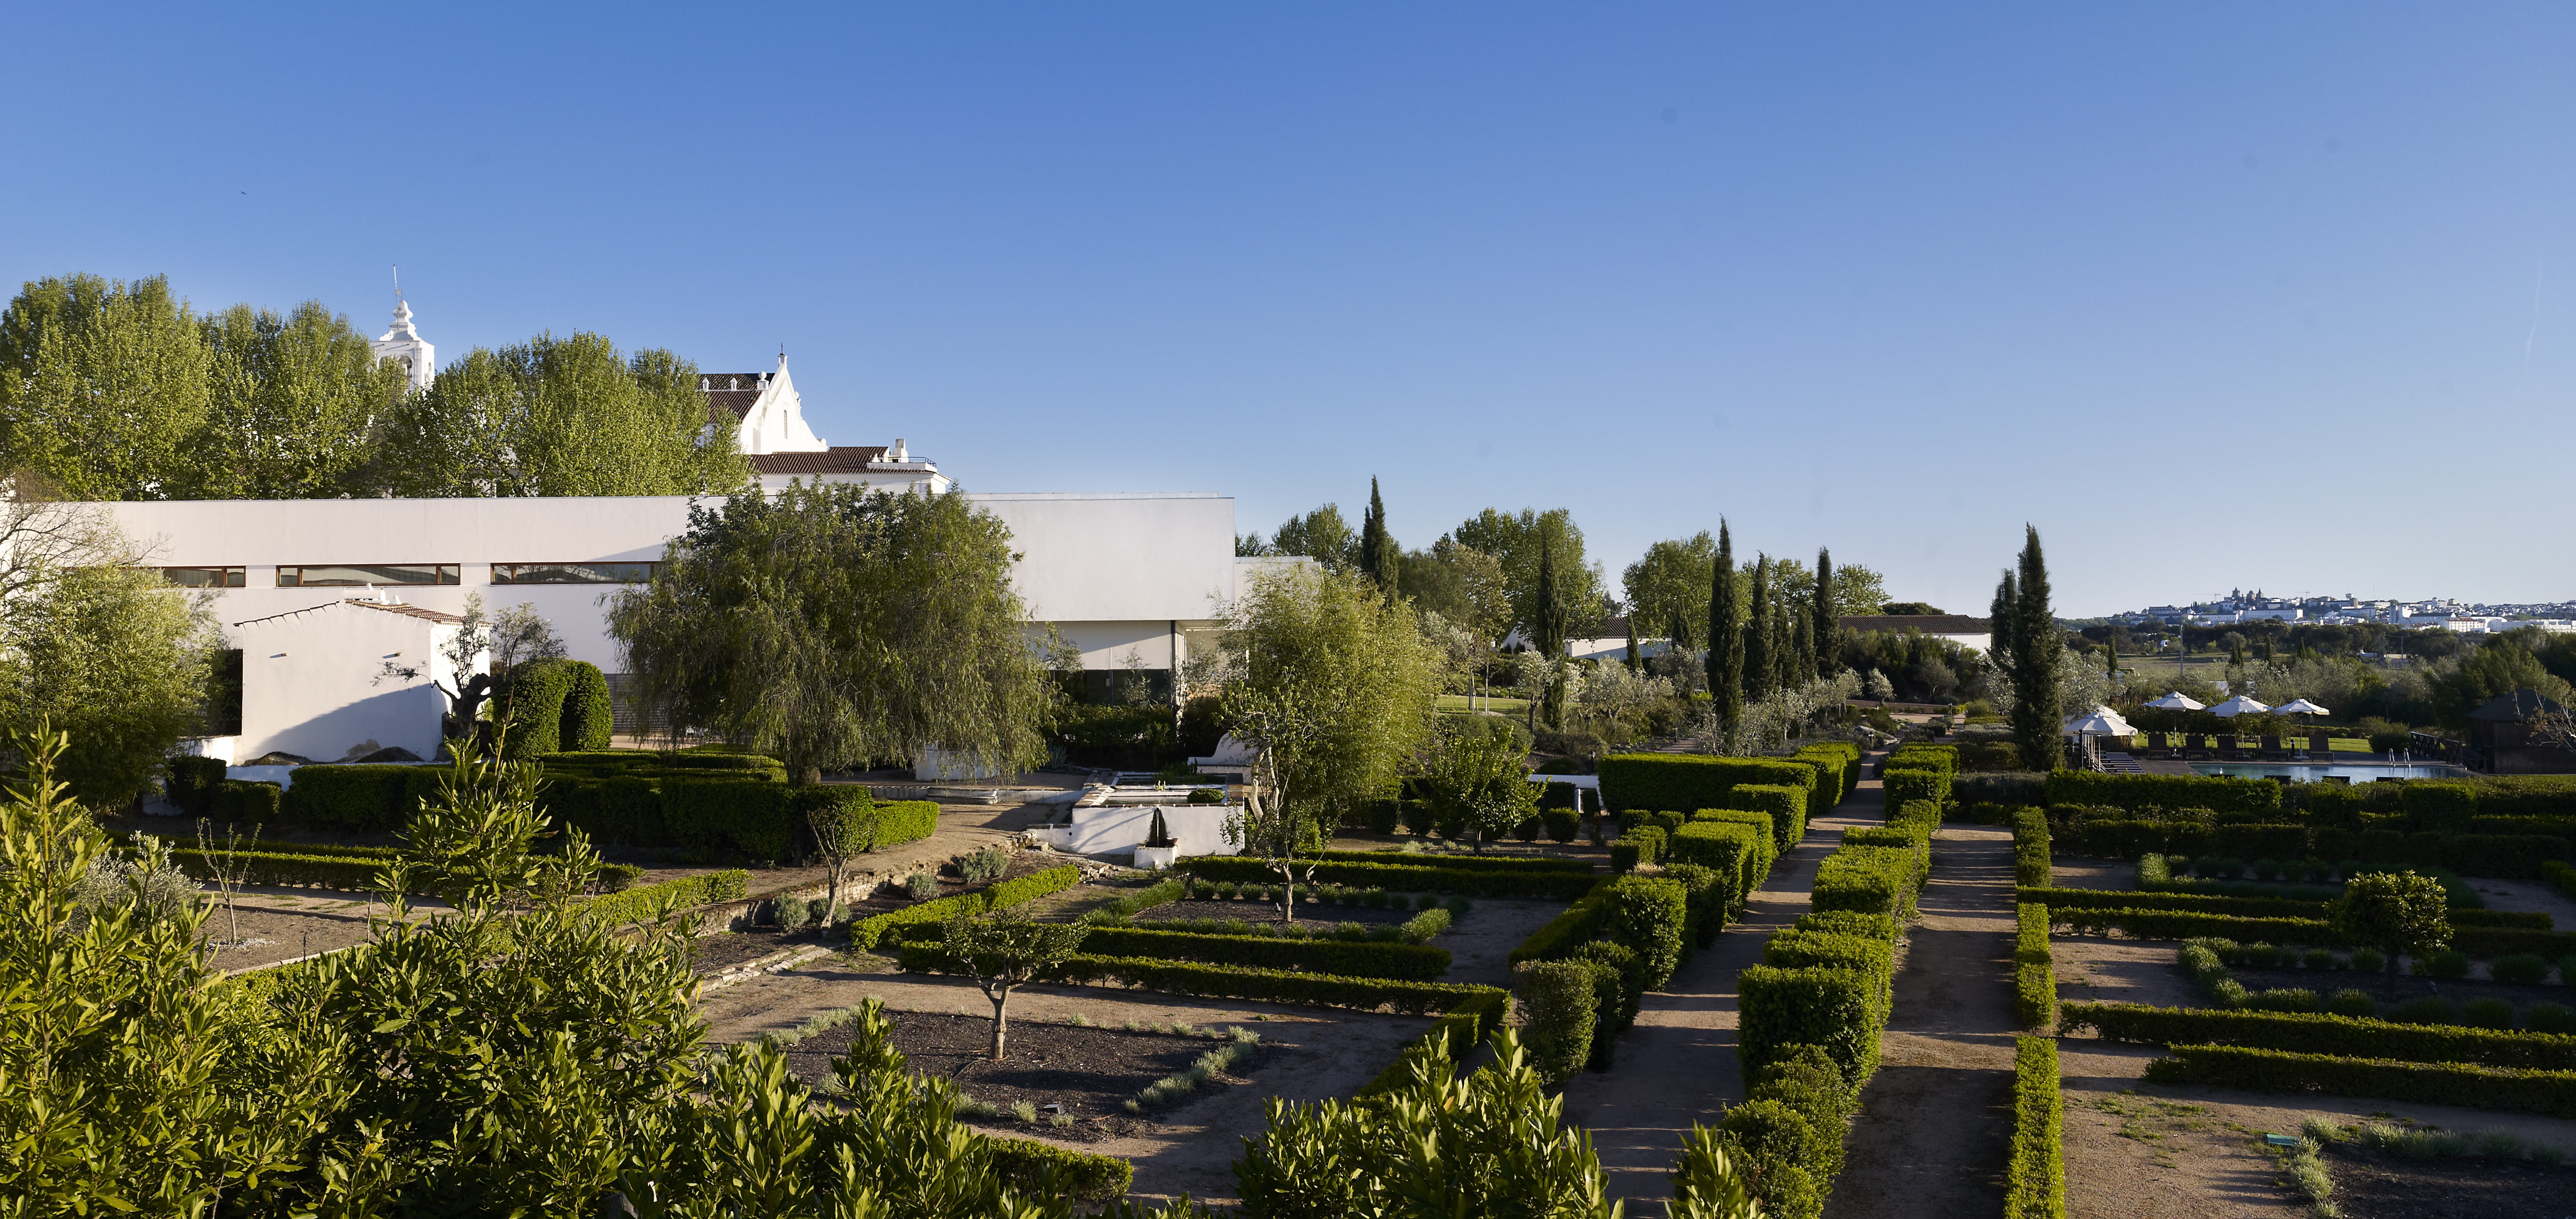 Convento do Espinheiro - Terapias & História